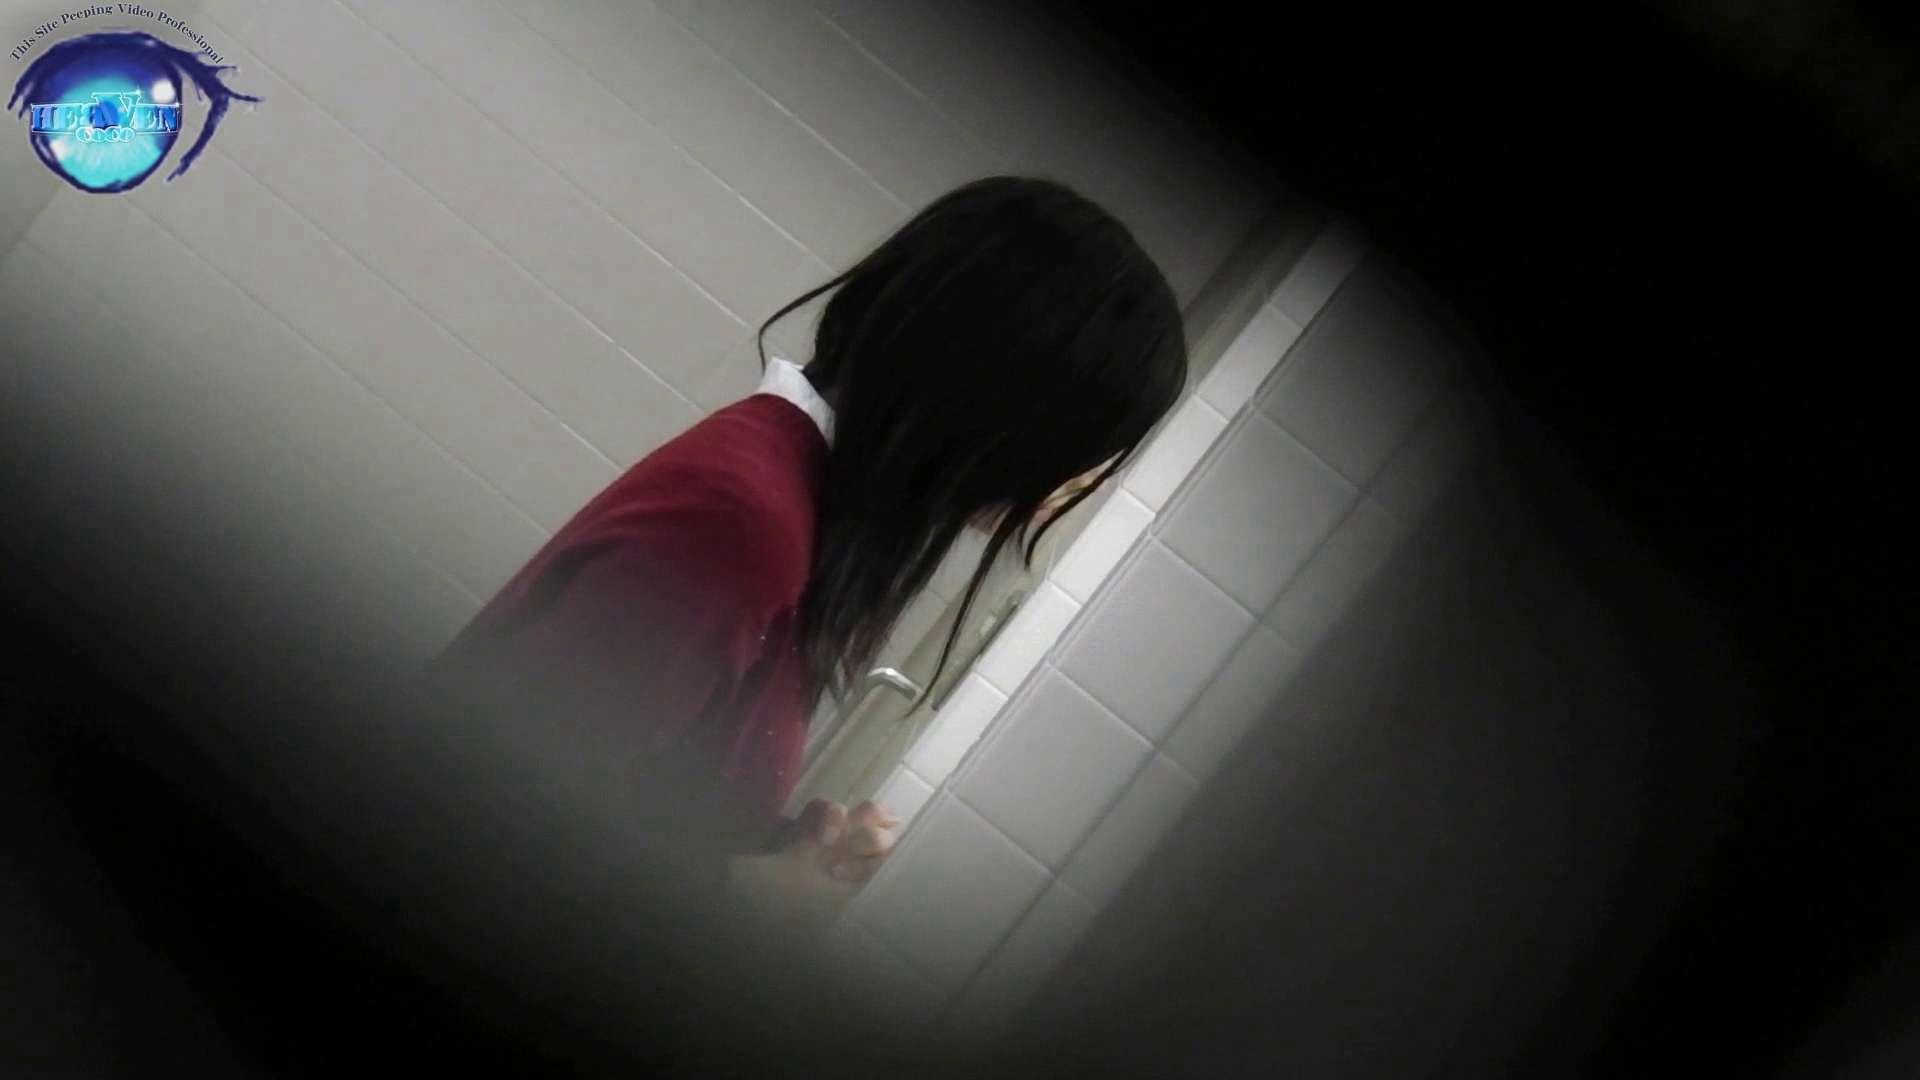 お銀さん vol.59 ピンチ!!「鏡の前で祈る女性」にばれる危機 後編 0  77連発 72